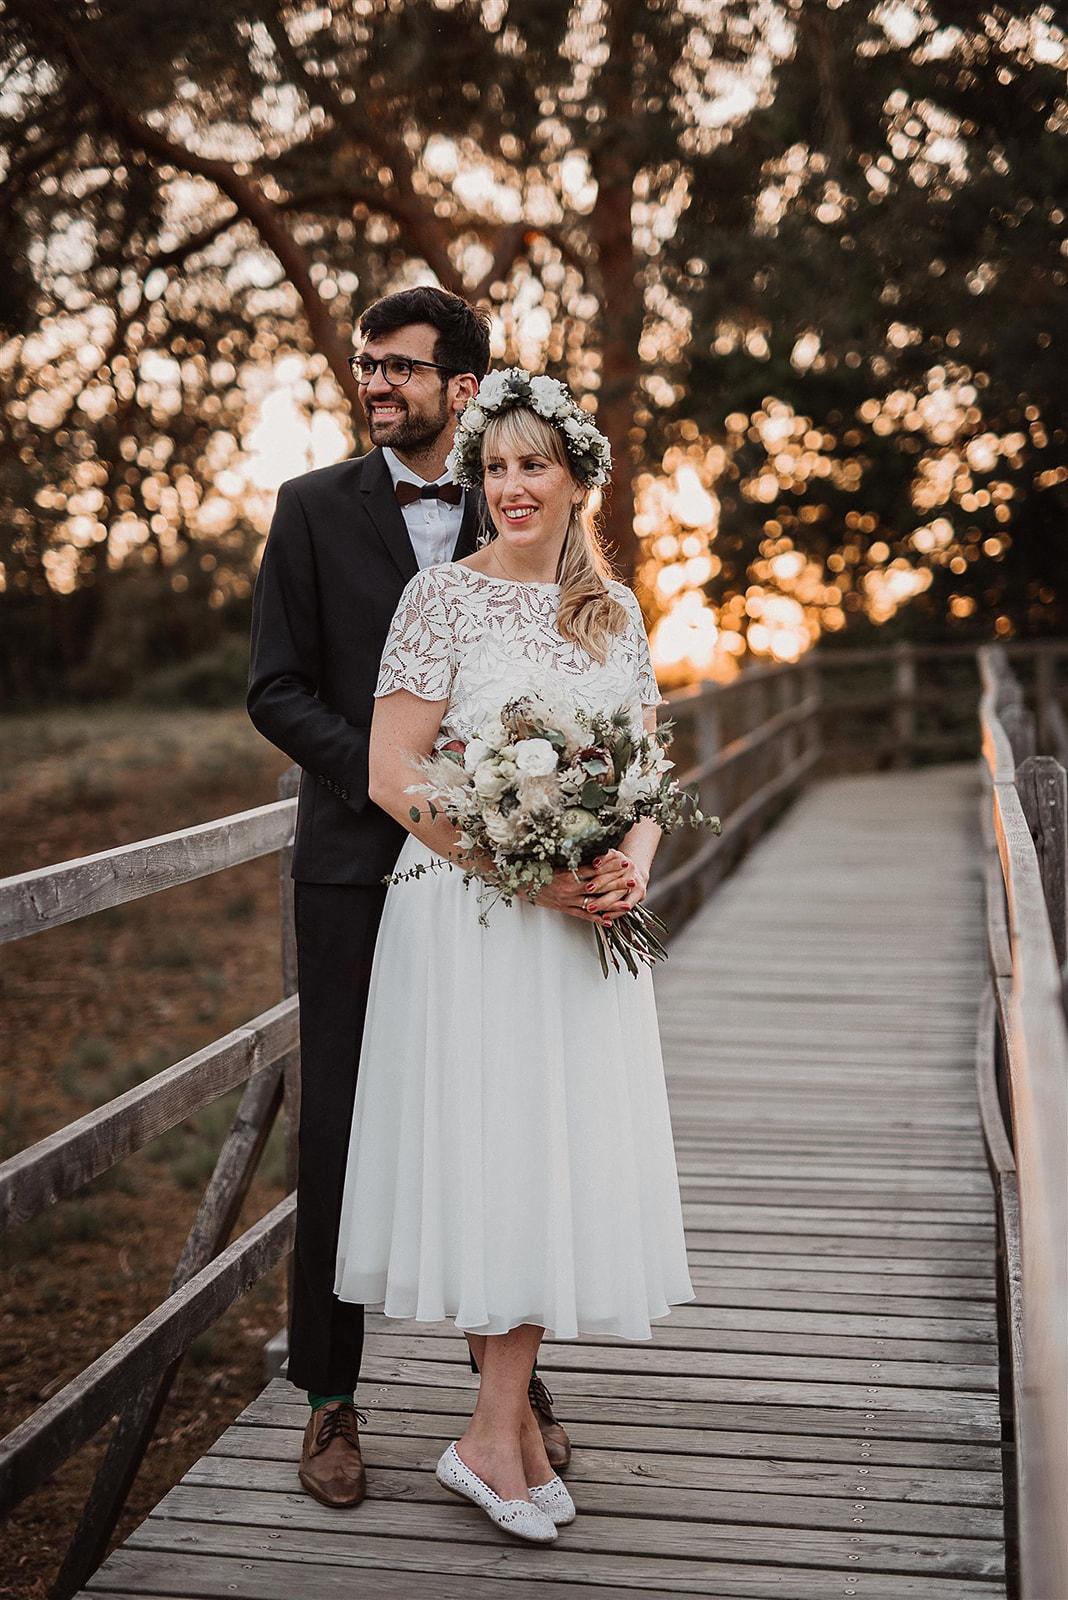 Brautpaar auf Brücke im Sonnenuntergang stehend, Braut mit wadenlangem Chiffonrock und Kurzarmtop aus Blätterspitze, Brautstrauss haltend, Blumenkranz im Haar, passend zum Strauss. Bräutigam mit dunklem Anzug